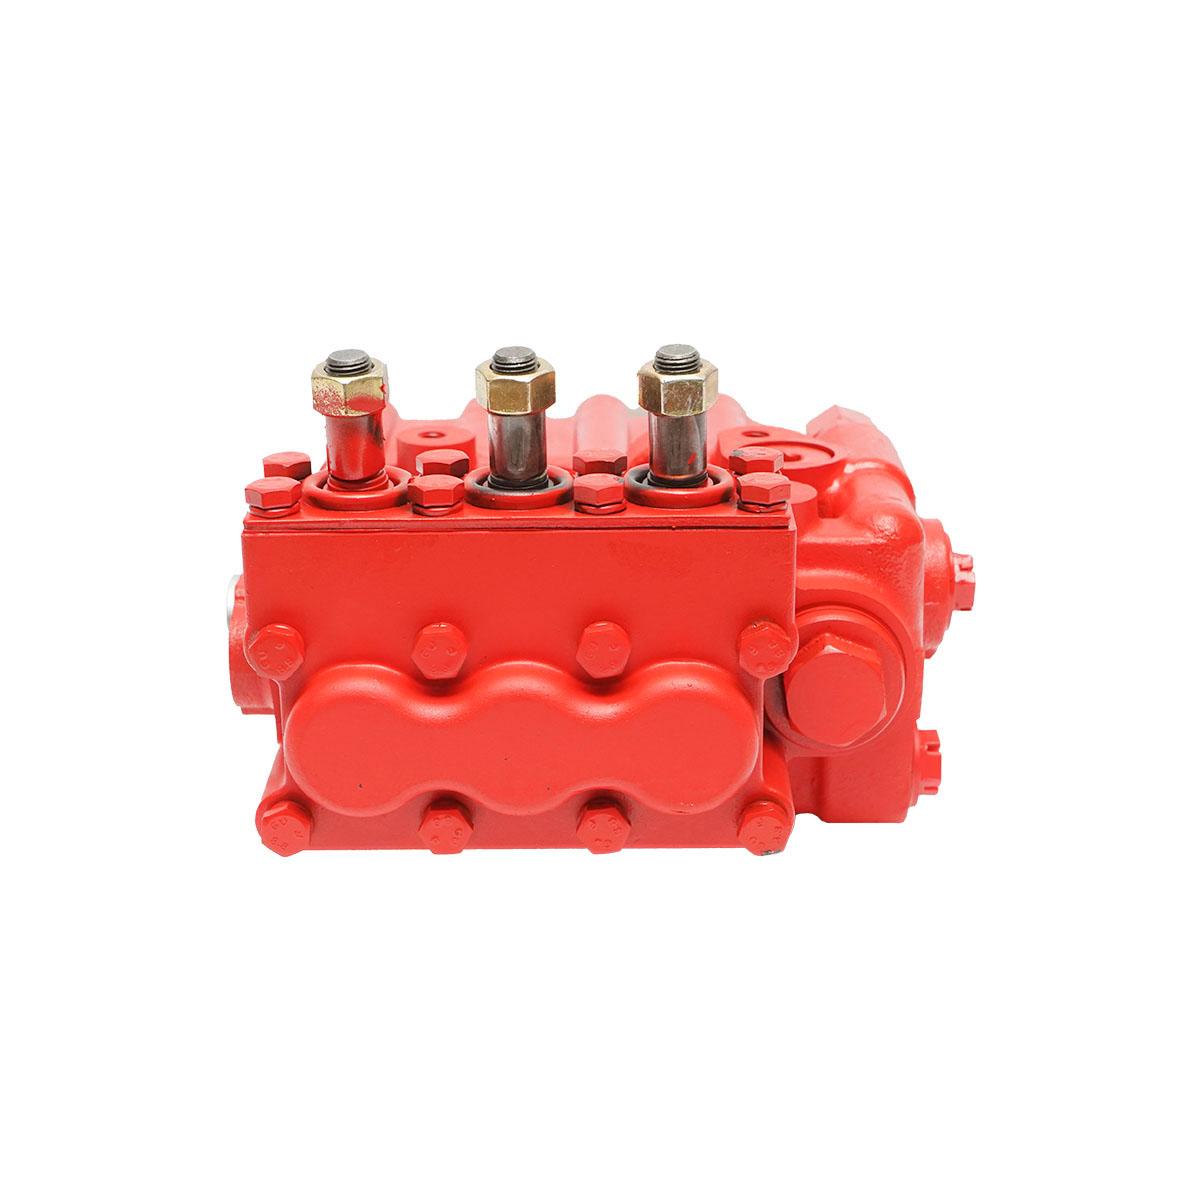 Distribuitor hidraulic 3 manete tractor UTB U-650 D700 (manetele nu sunt incluse)